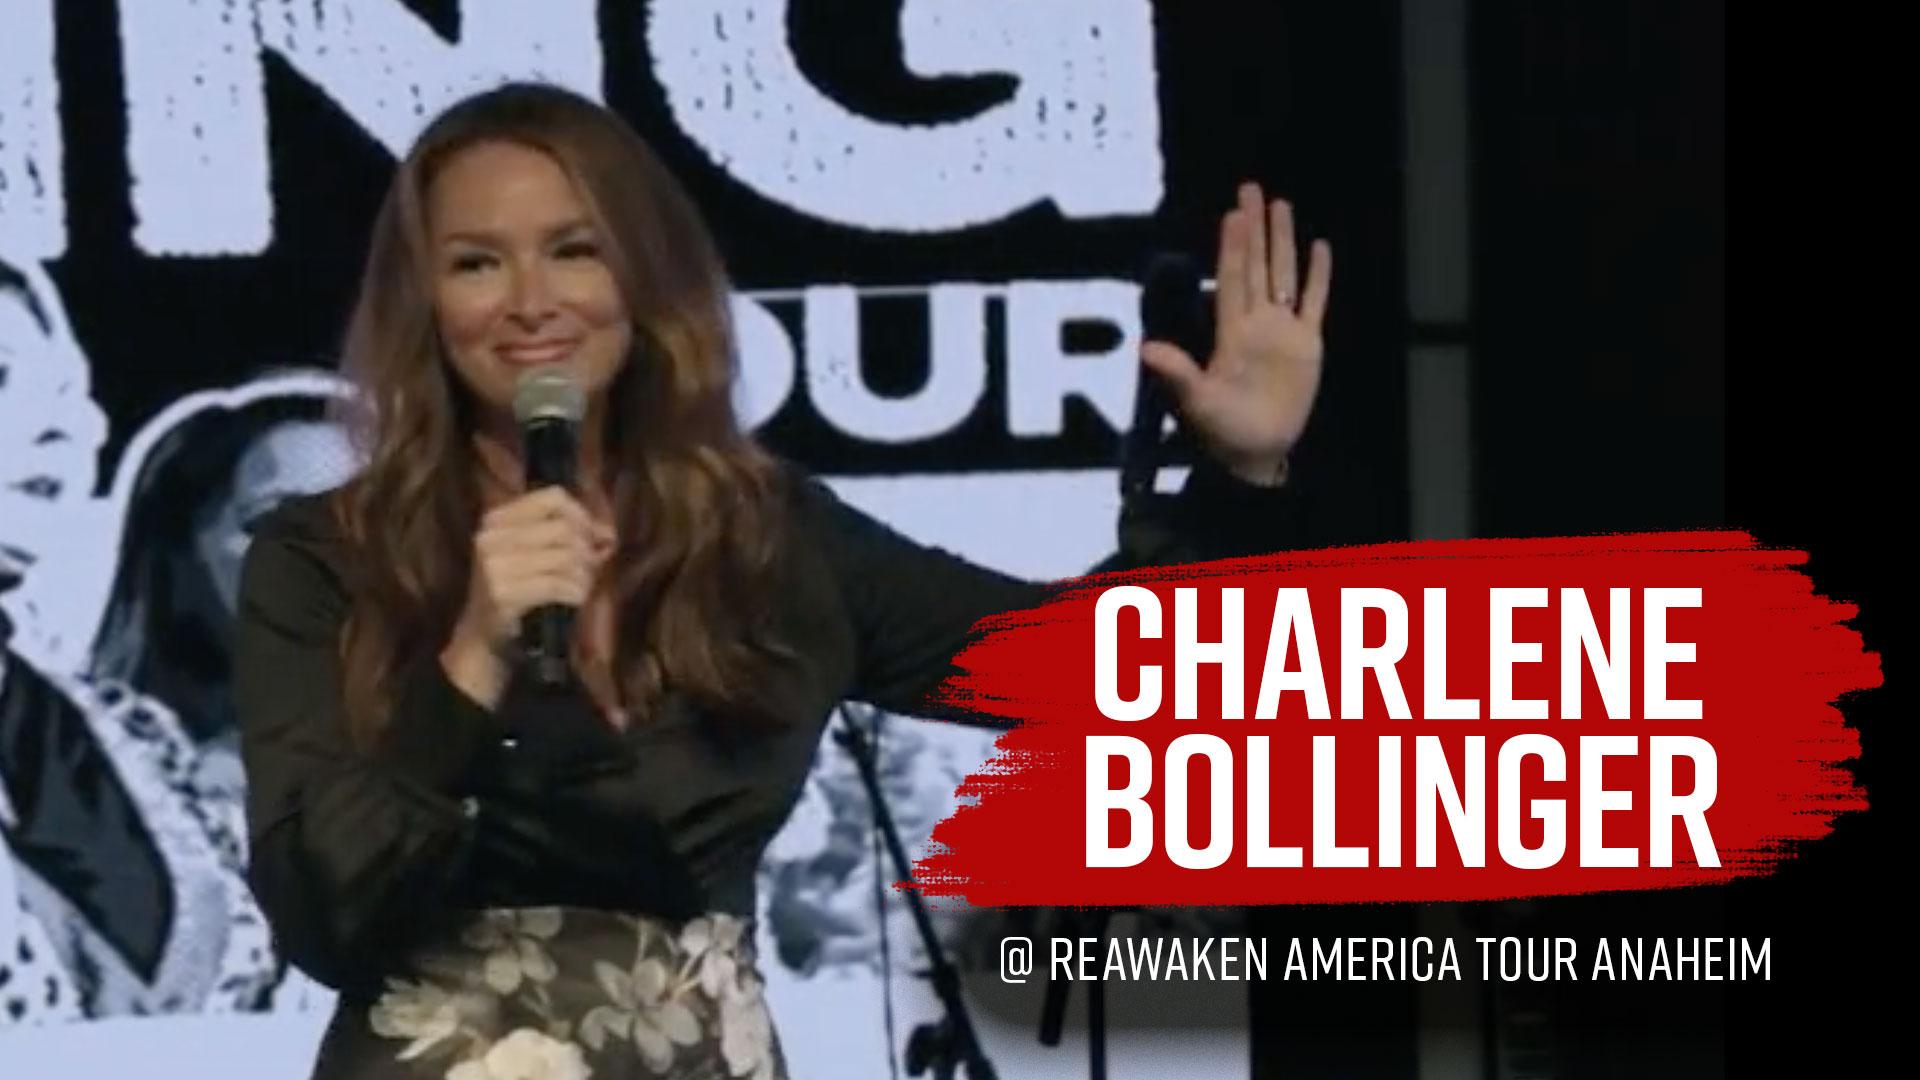 Charlene Bollinger Speaks TRUTH at Reawaken America Tour Anaheim